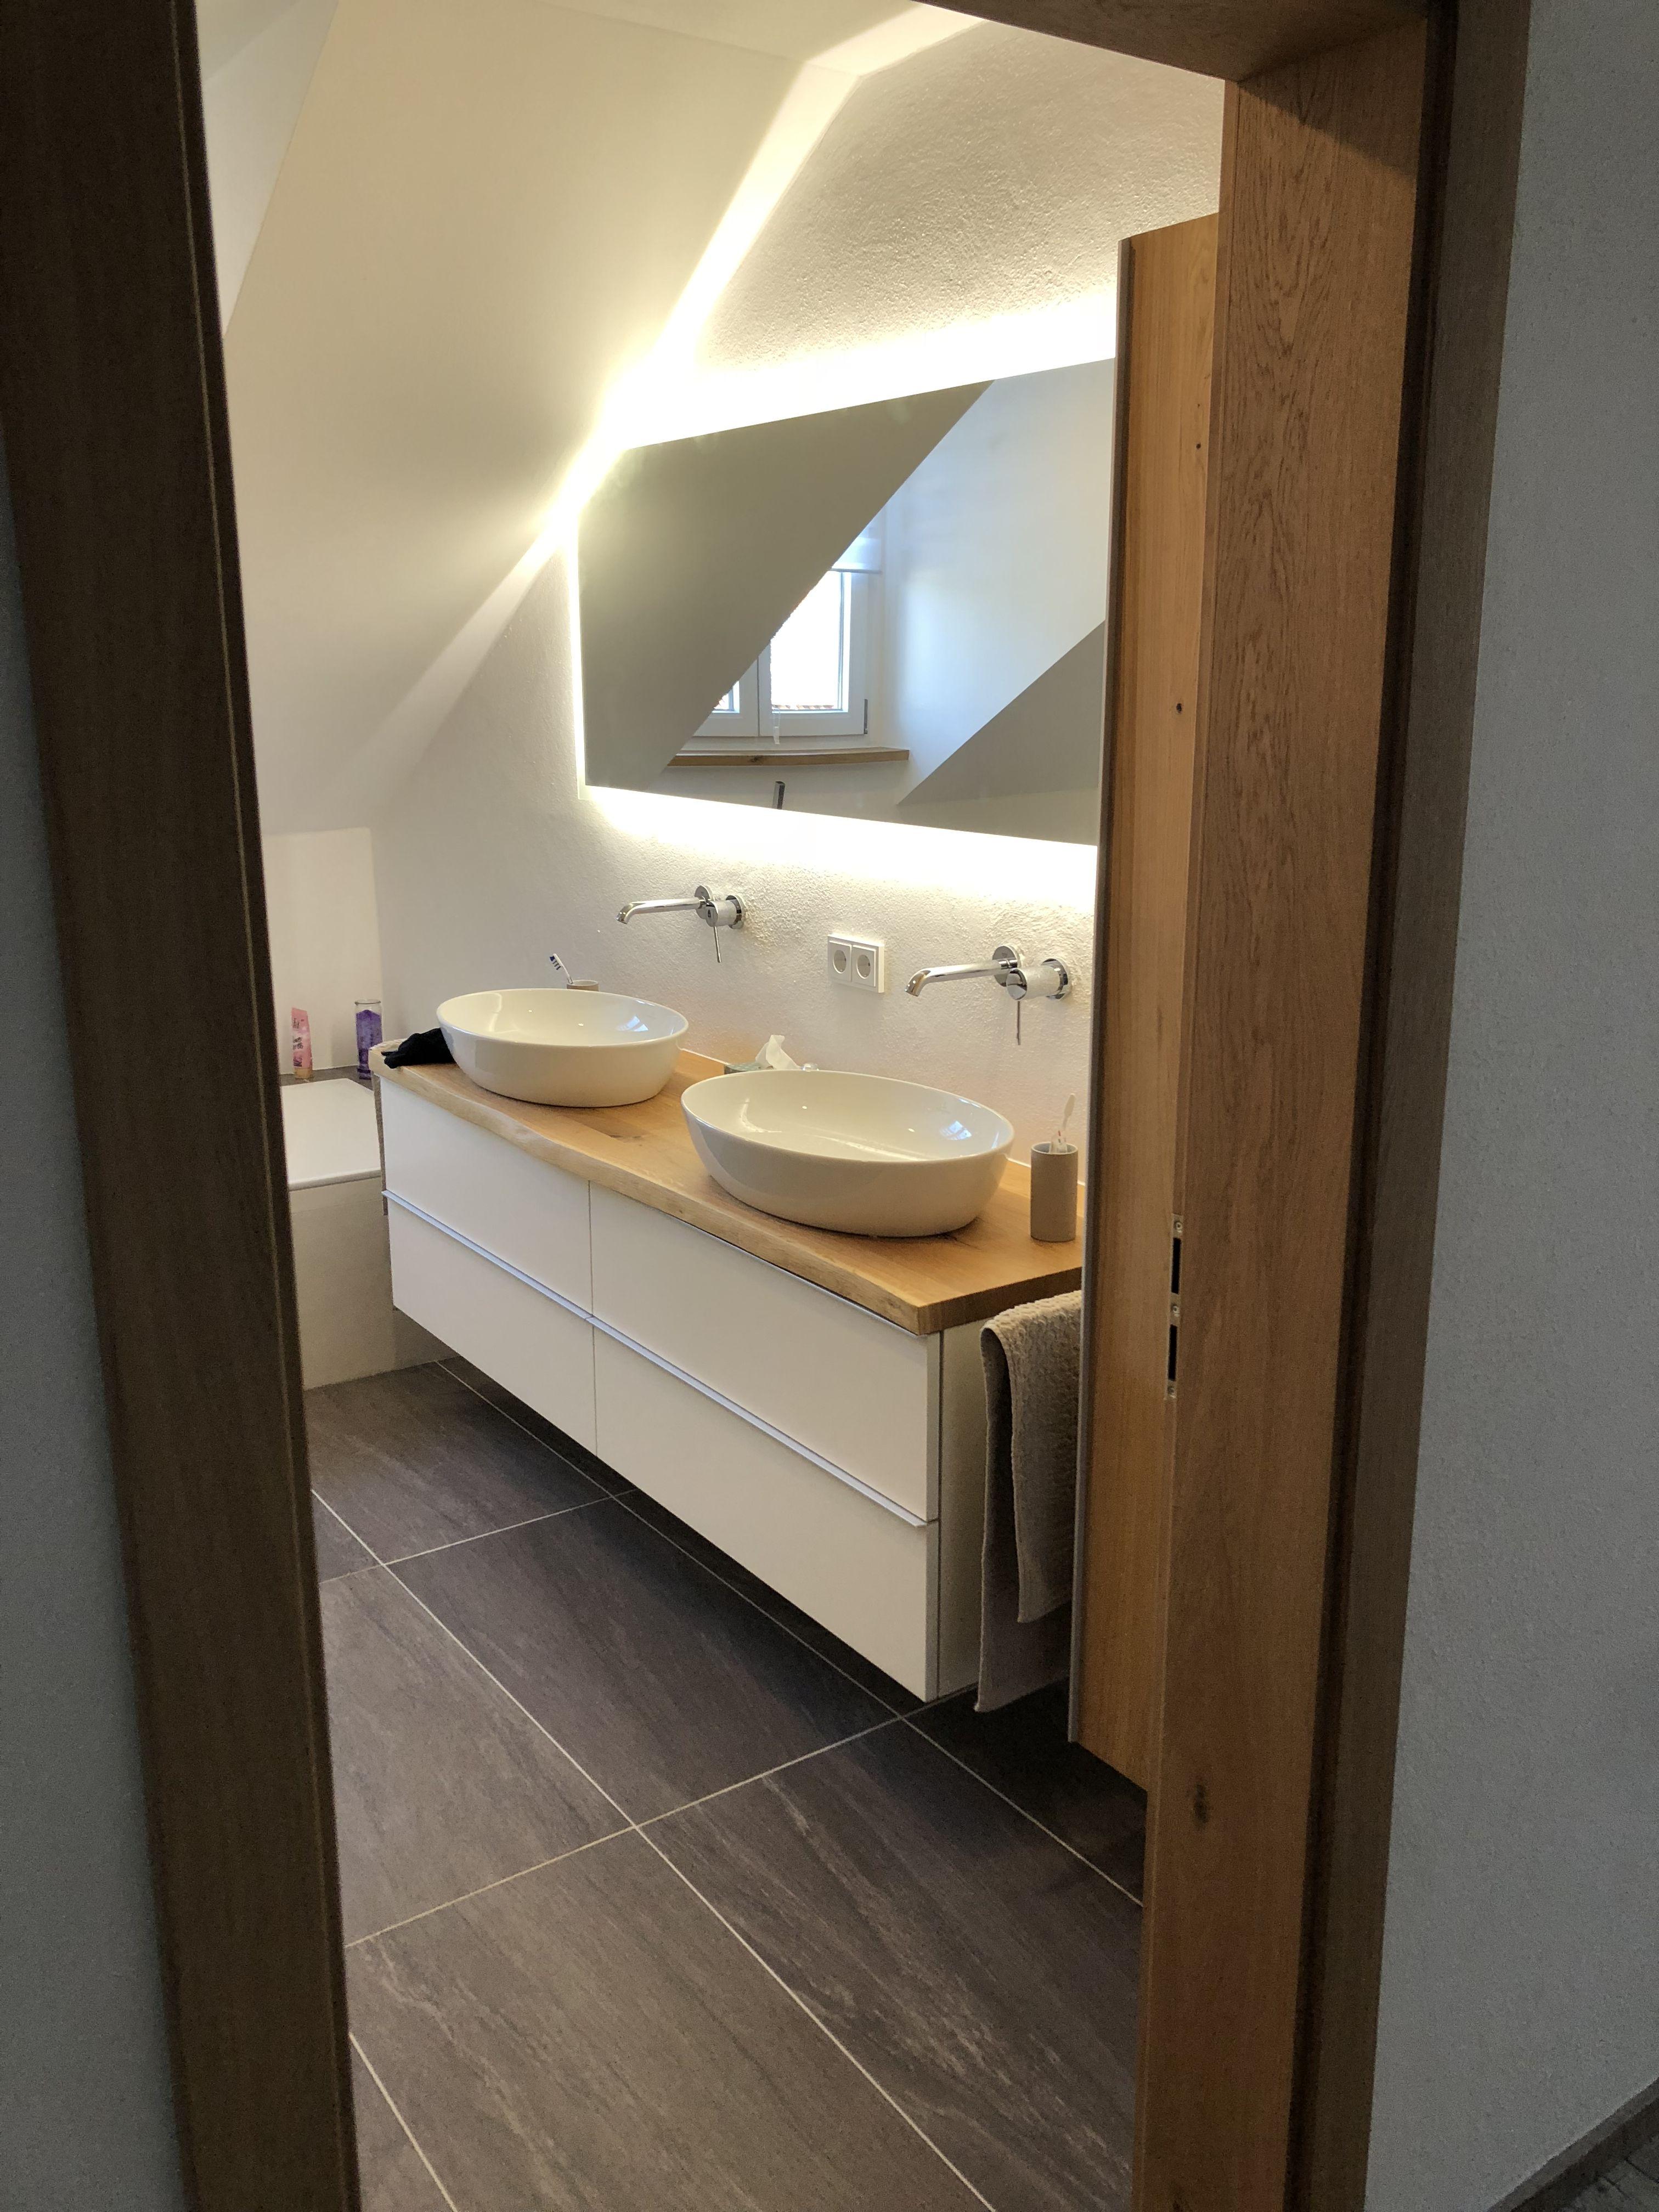 Bad Holz Waschbecken Badgestaltung Spiegel Licht Fliesen Badideen Badezimmer Dekor Diy Bader Ideen Badgestaltung